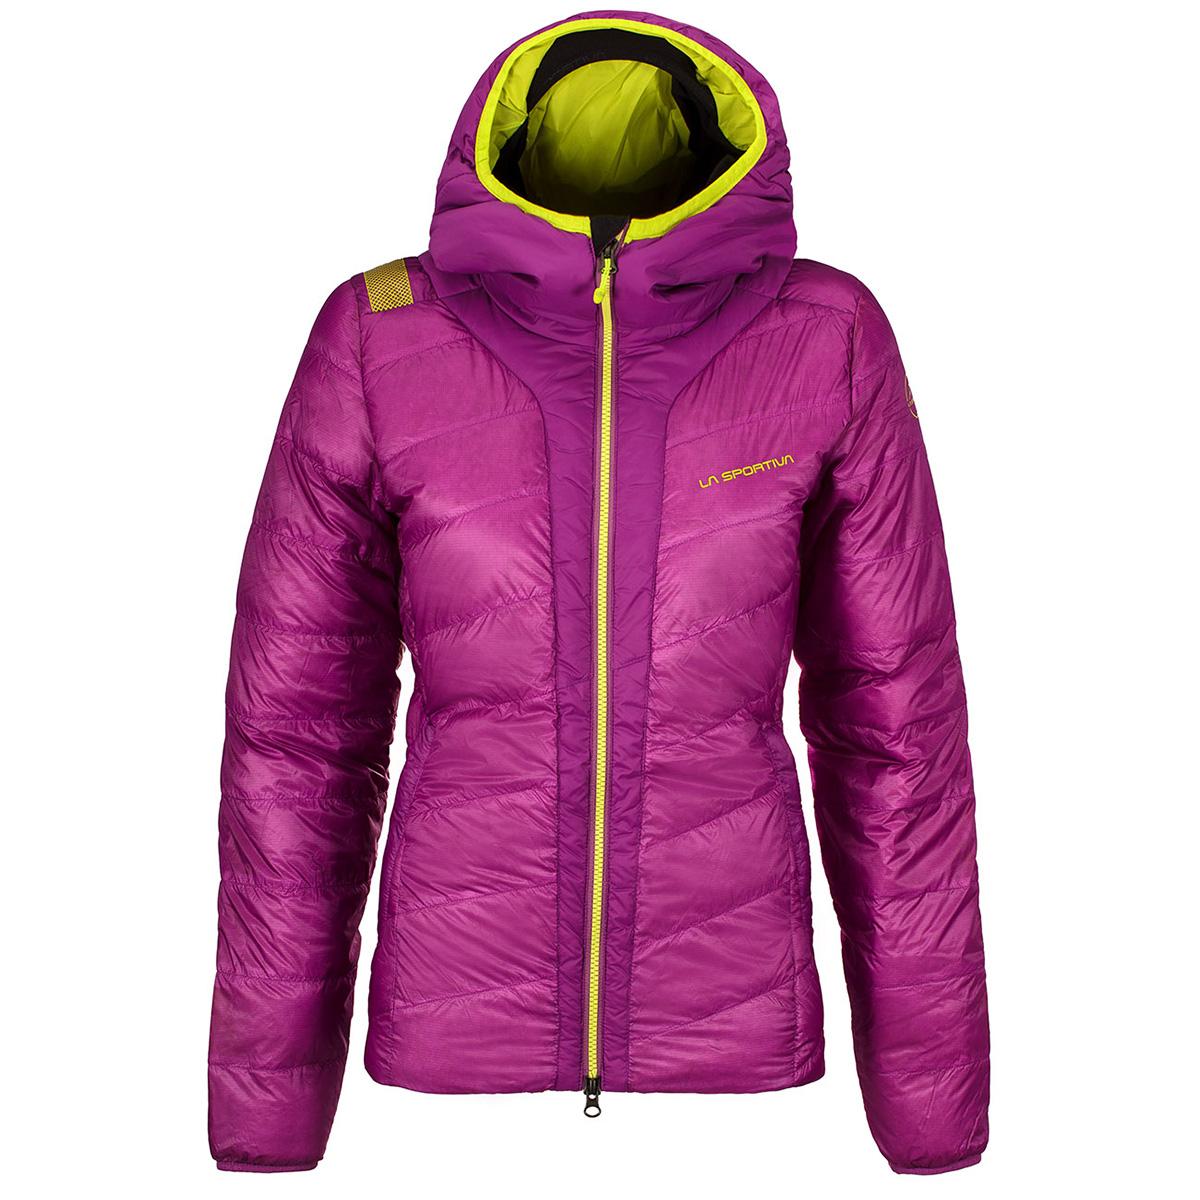 Piumino Frequency Down Jacket W con cappuccio integrato